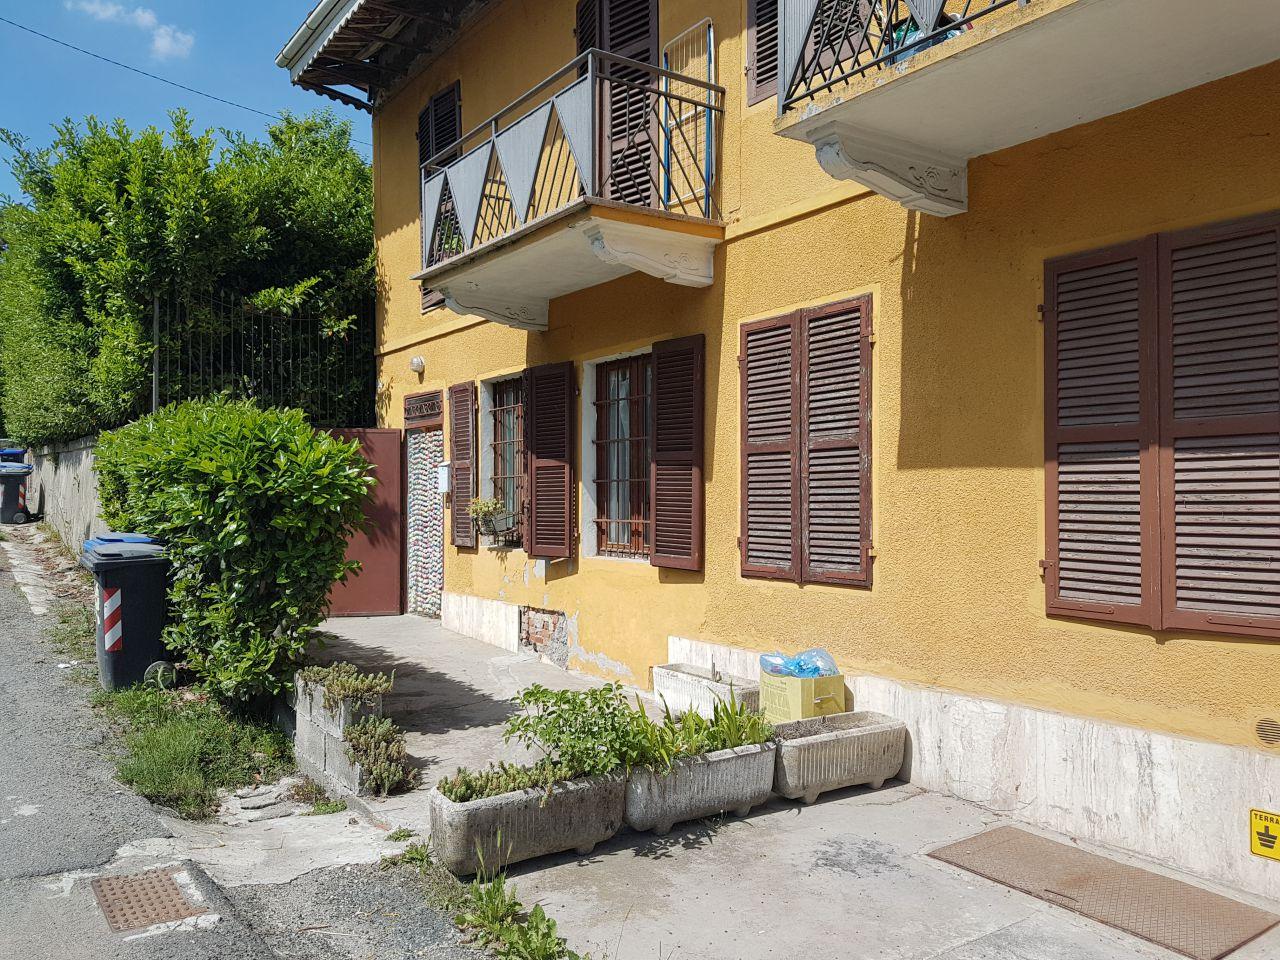 Appartamento in vendita a Brozolo, 4 locali, prezzo € 50.000 | CambioCasa.it